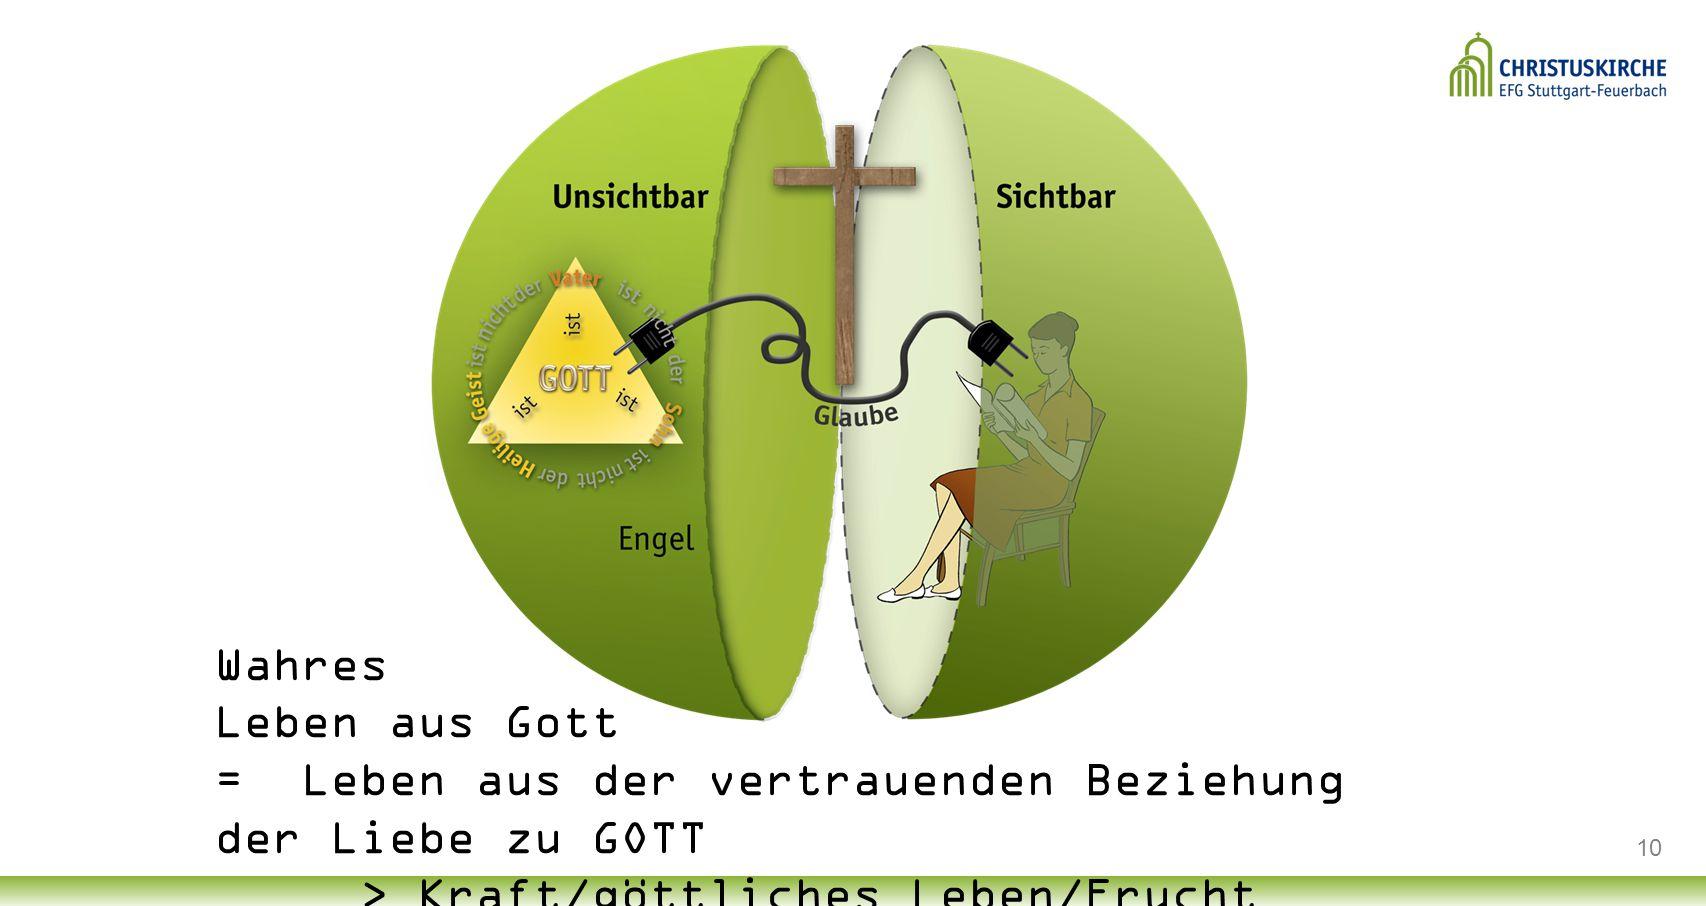 Wahres Leben aus Gott. = Leben aus der vertrauenden Beziehung der Liebe zu GOTT > Kraft/göttliches Leben/Frucht.